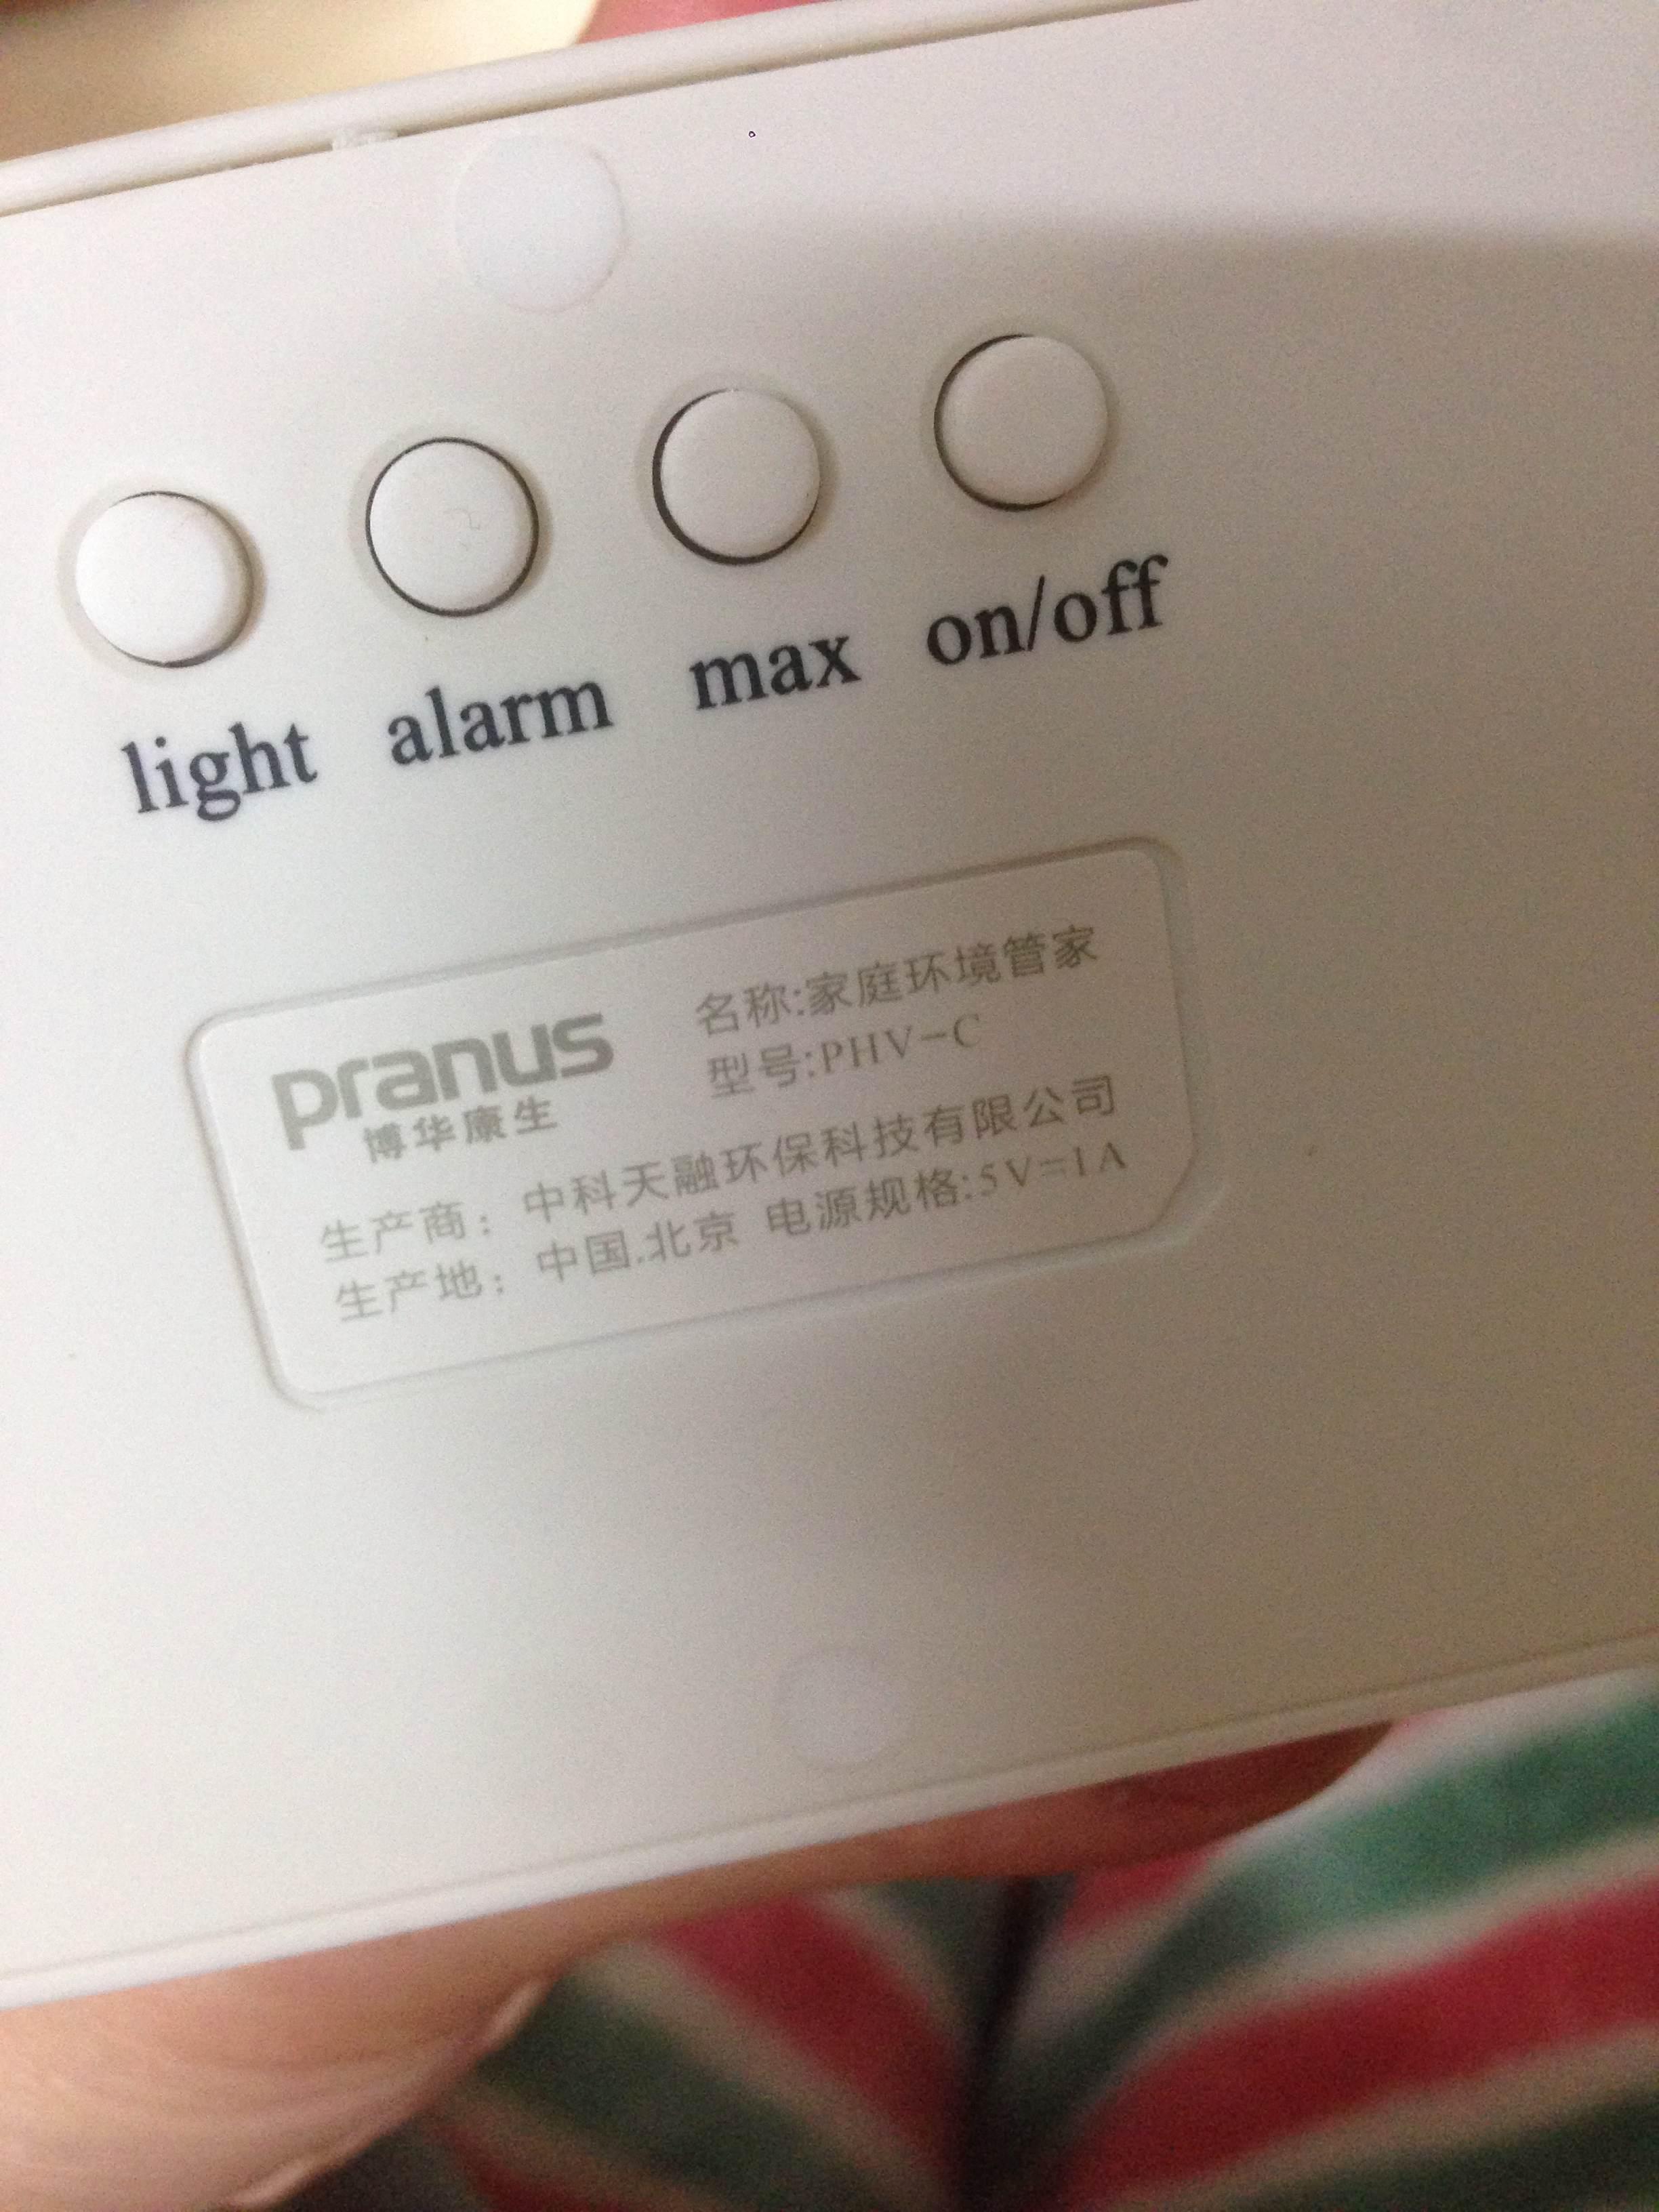 刚漆完的房子甲醛肯定超标了所以买了这款甲醛检测仪